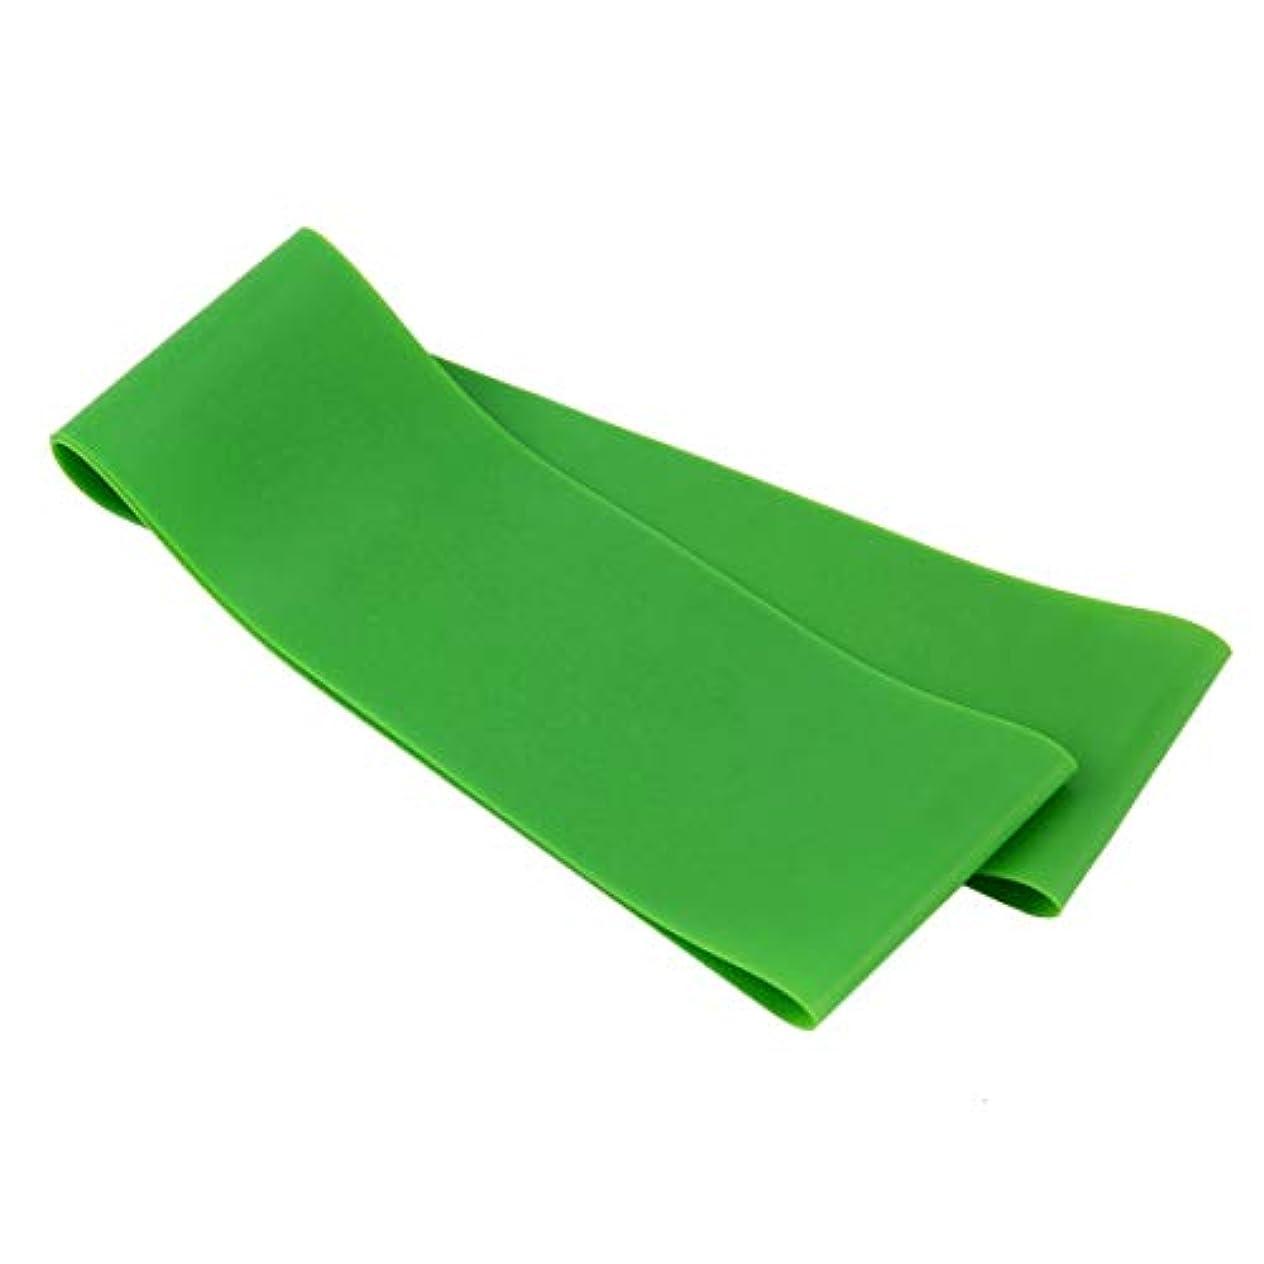 に対応するフレア微生物滑り止め伸縮性ゴム弾性ヨガベルトバンドプルロープ張力抵抗バンドループ強度のためのフィットネスヨガツール - グリーン